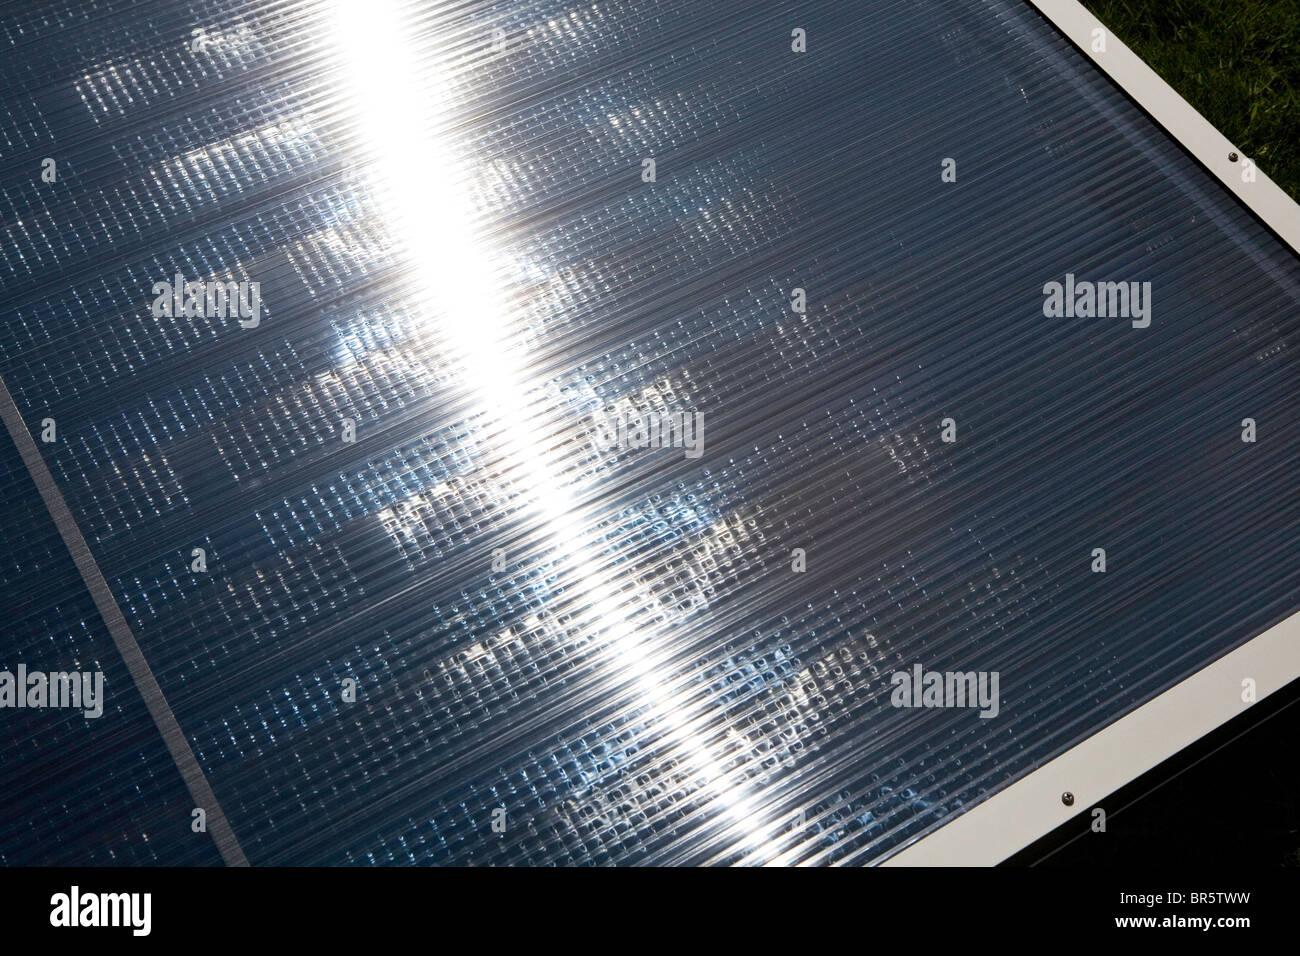 Amazing Eine Thermische Solarpanel Auf Dem Dach. Solare Wasser Heizungen Nutzen  Wärme Von Der Sonne, Neben Herkömmlichen Warmwasserbereiter Arbeiten.